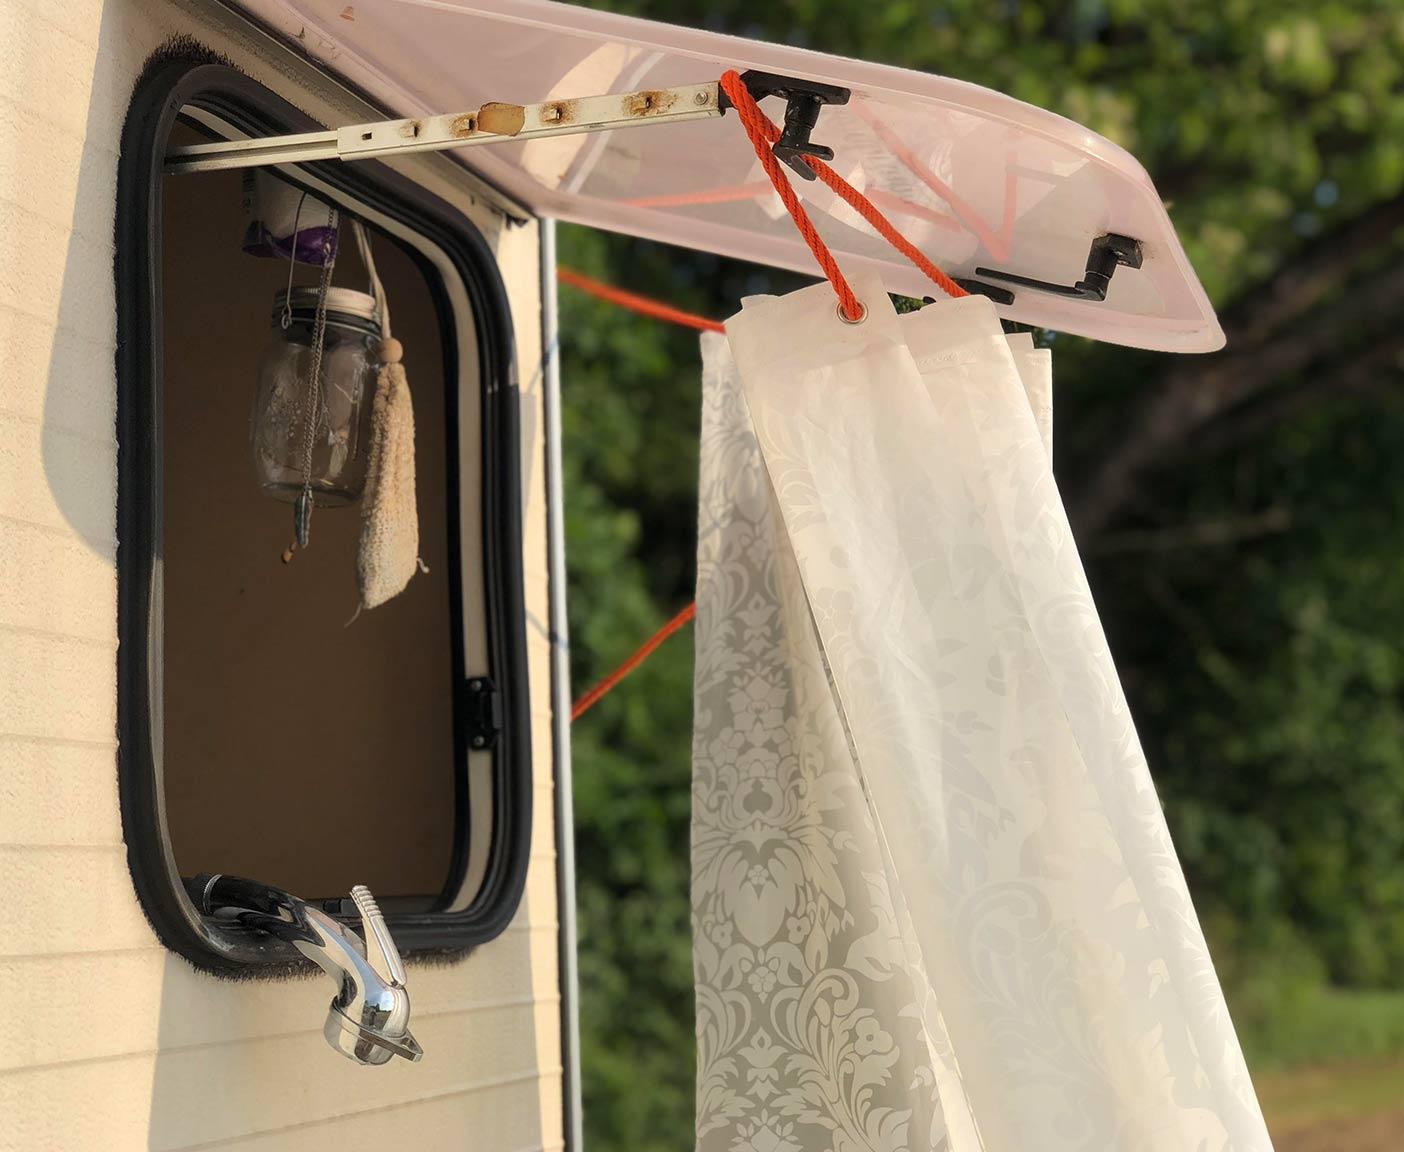 duschen-unterwegs-moeglichkeiten-duschkabine-camping-van-vanlife